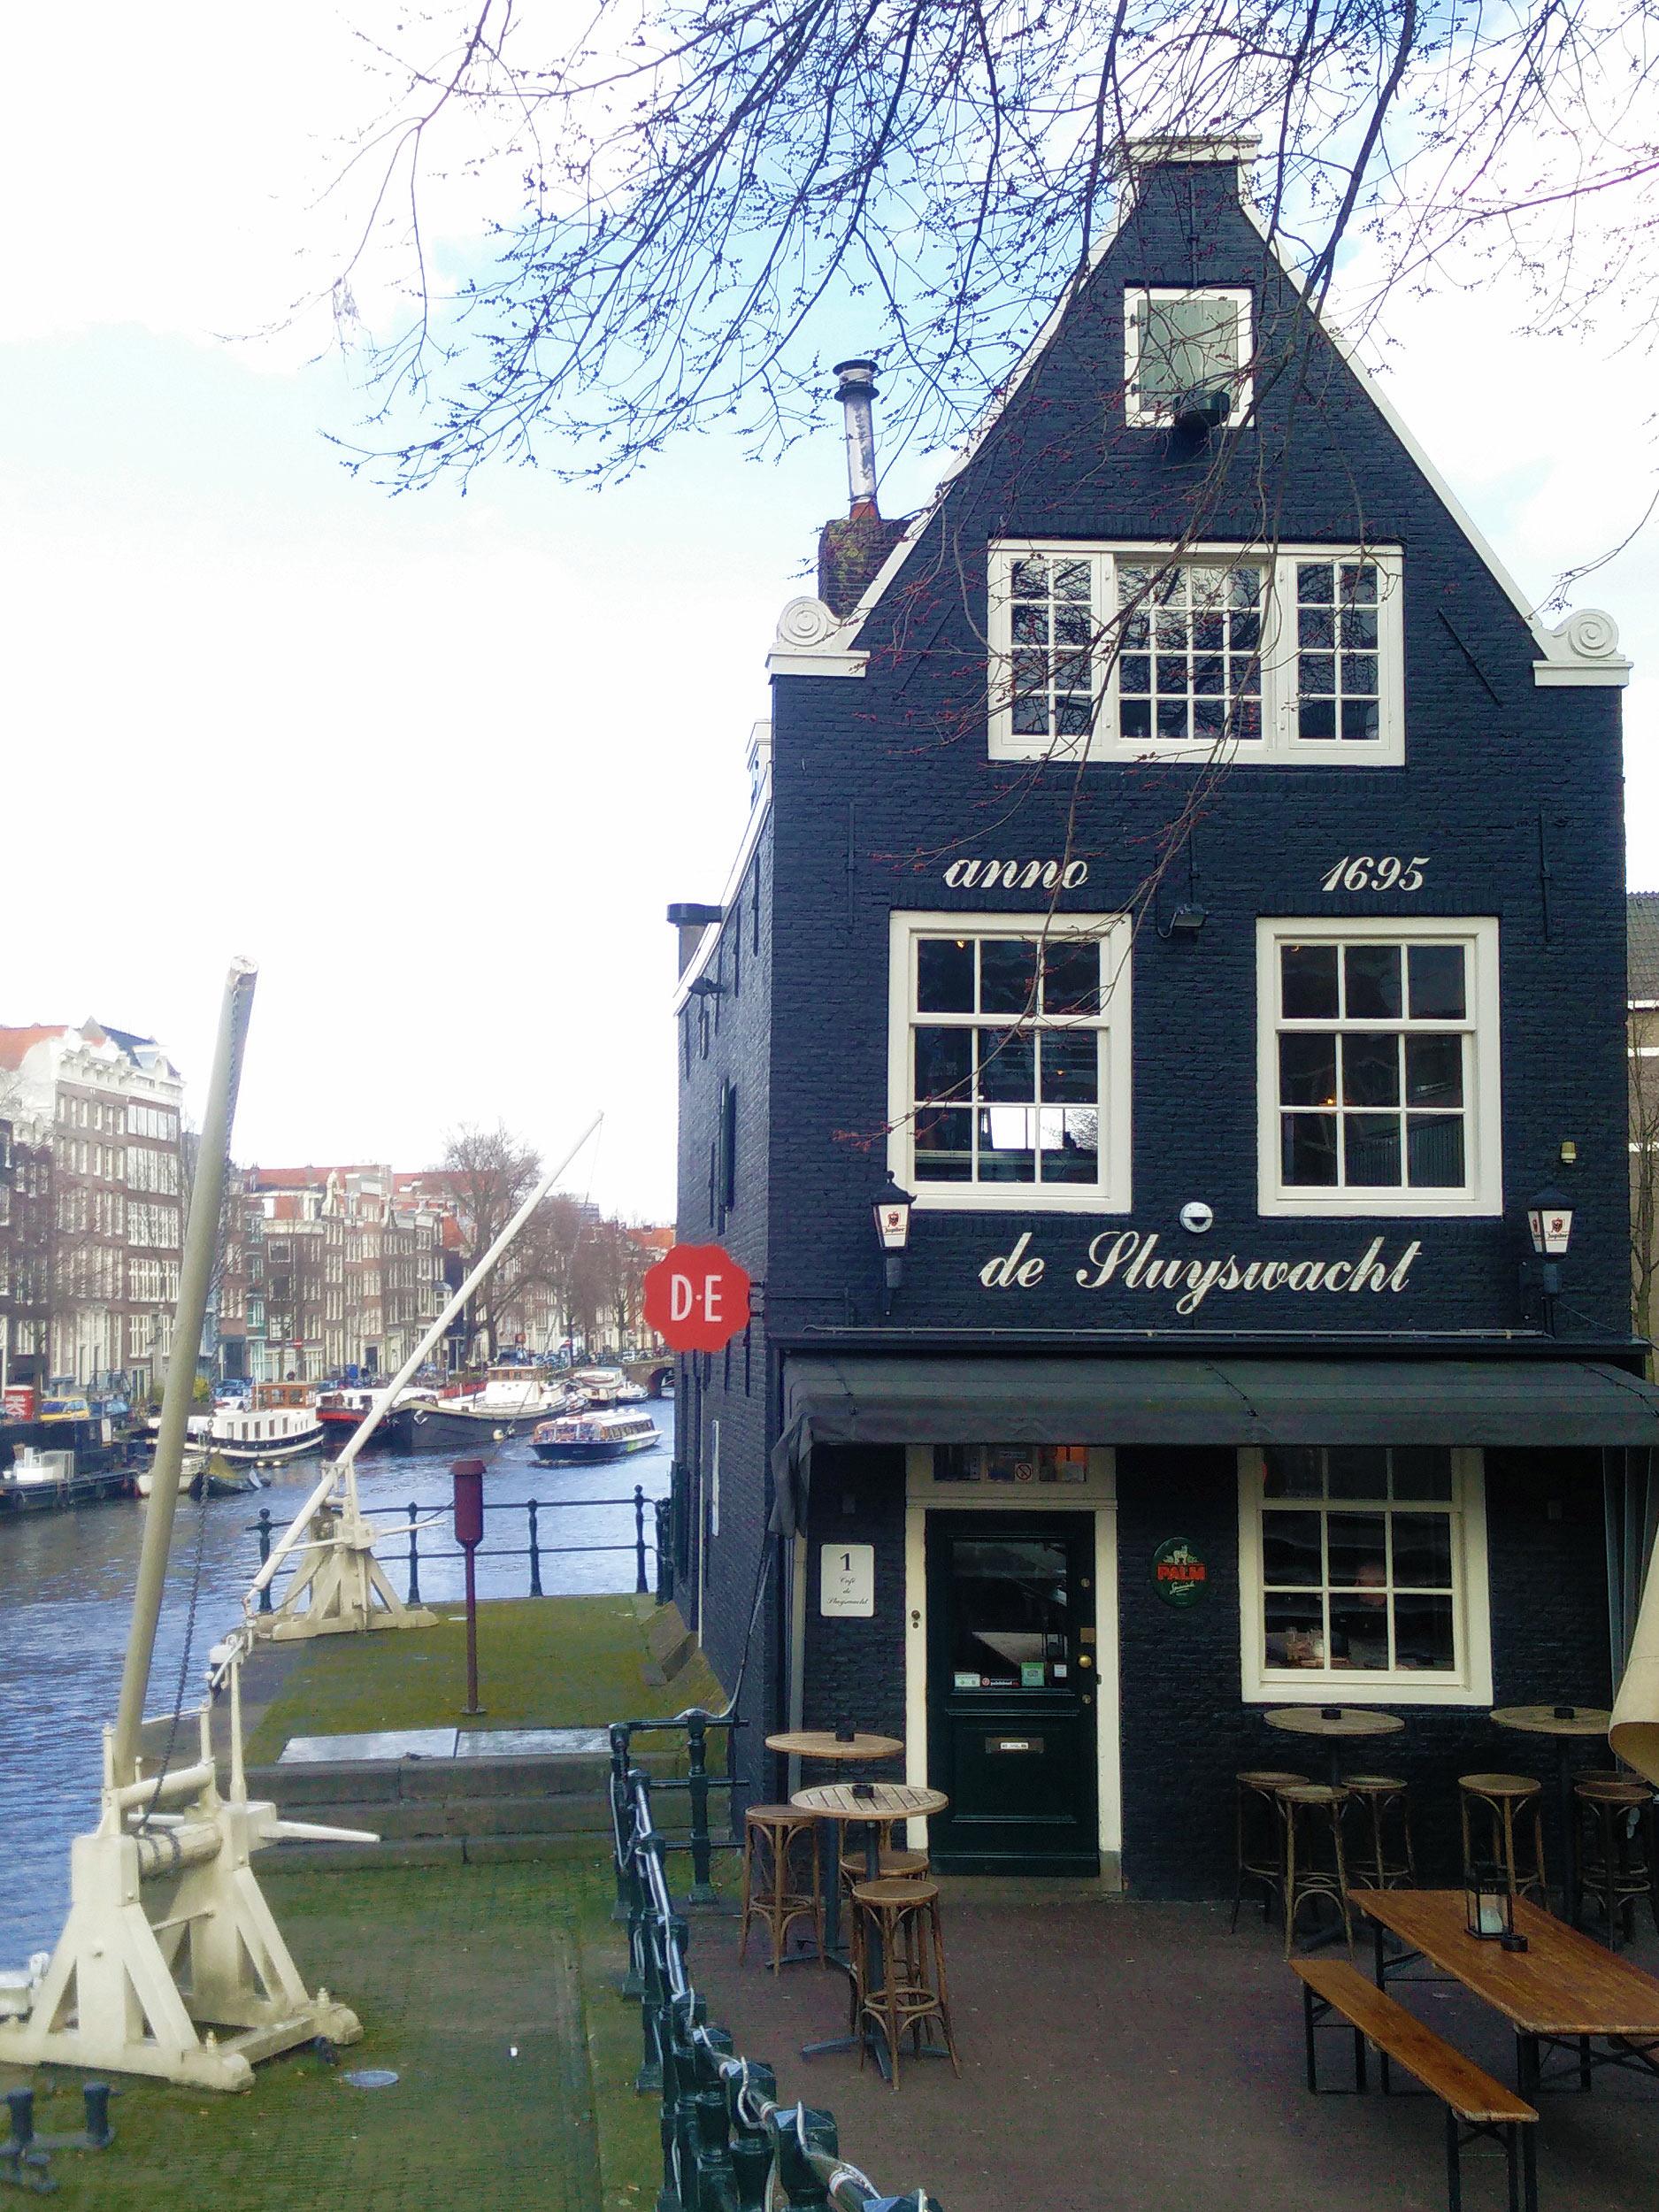 Kneipe De Sluyswacht in Amsterdam